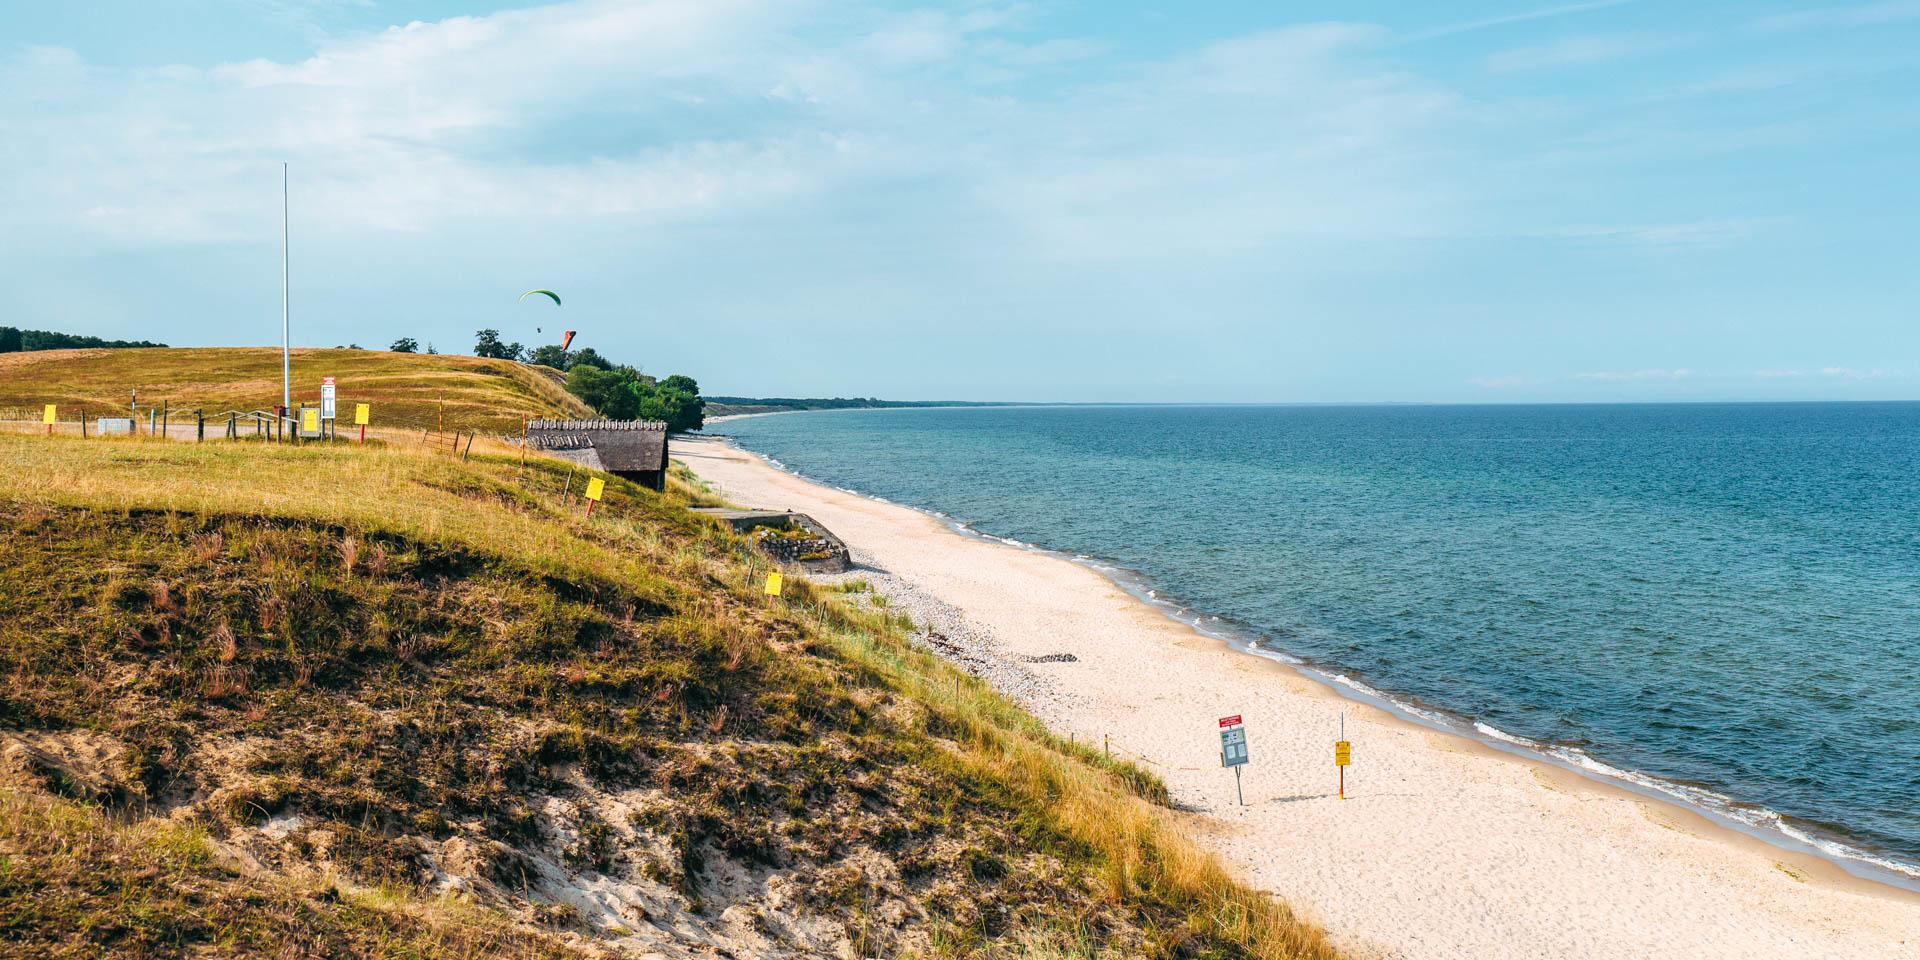 Haväng & Vitemölla Strandbackars Naturreservat 2019